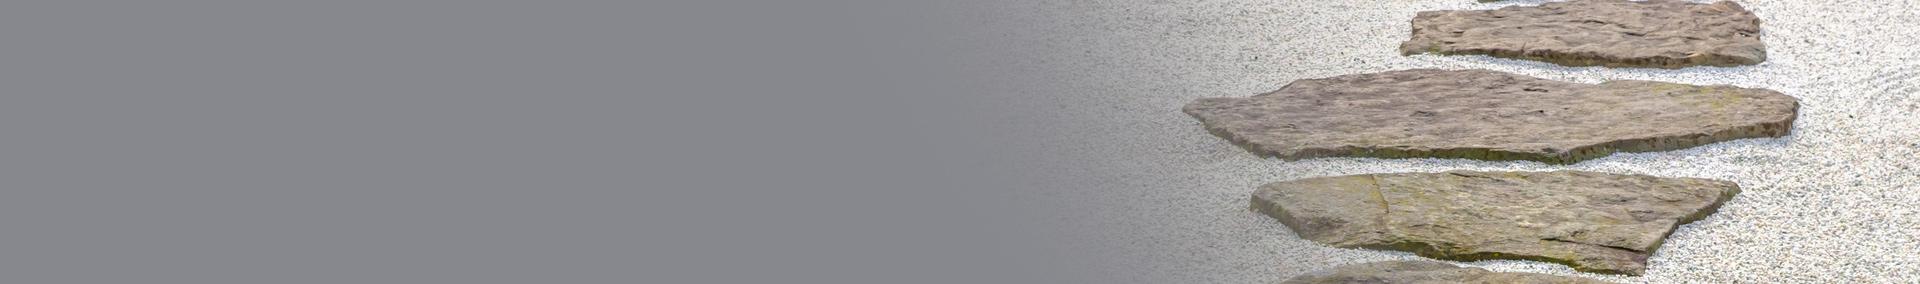 baner kamień ścieżkowy